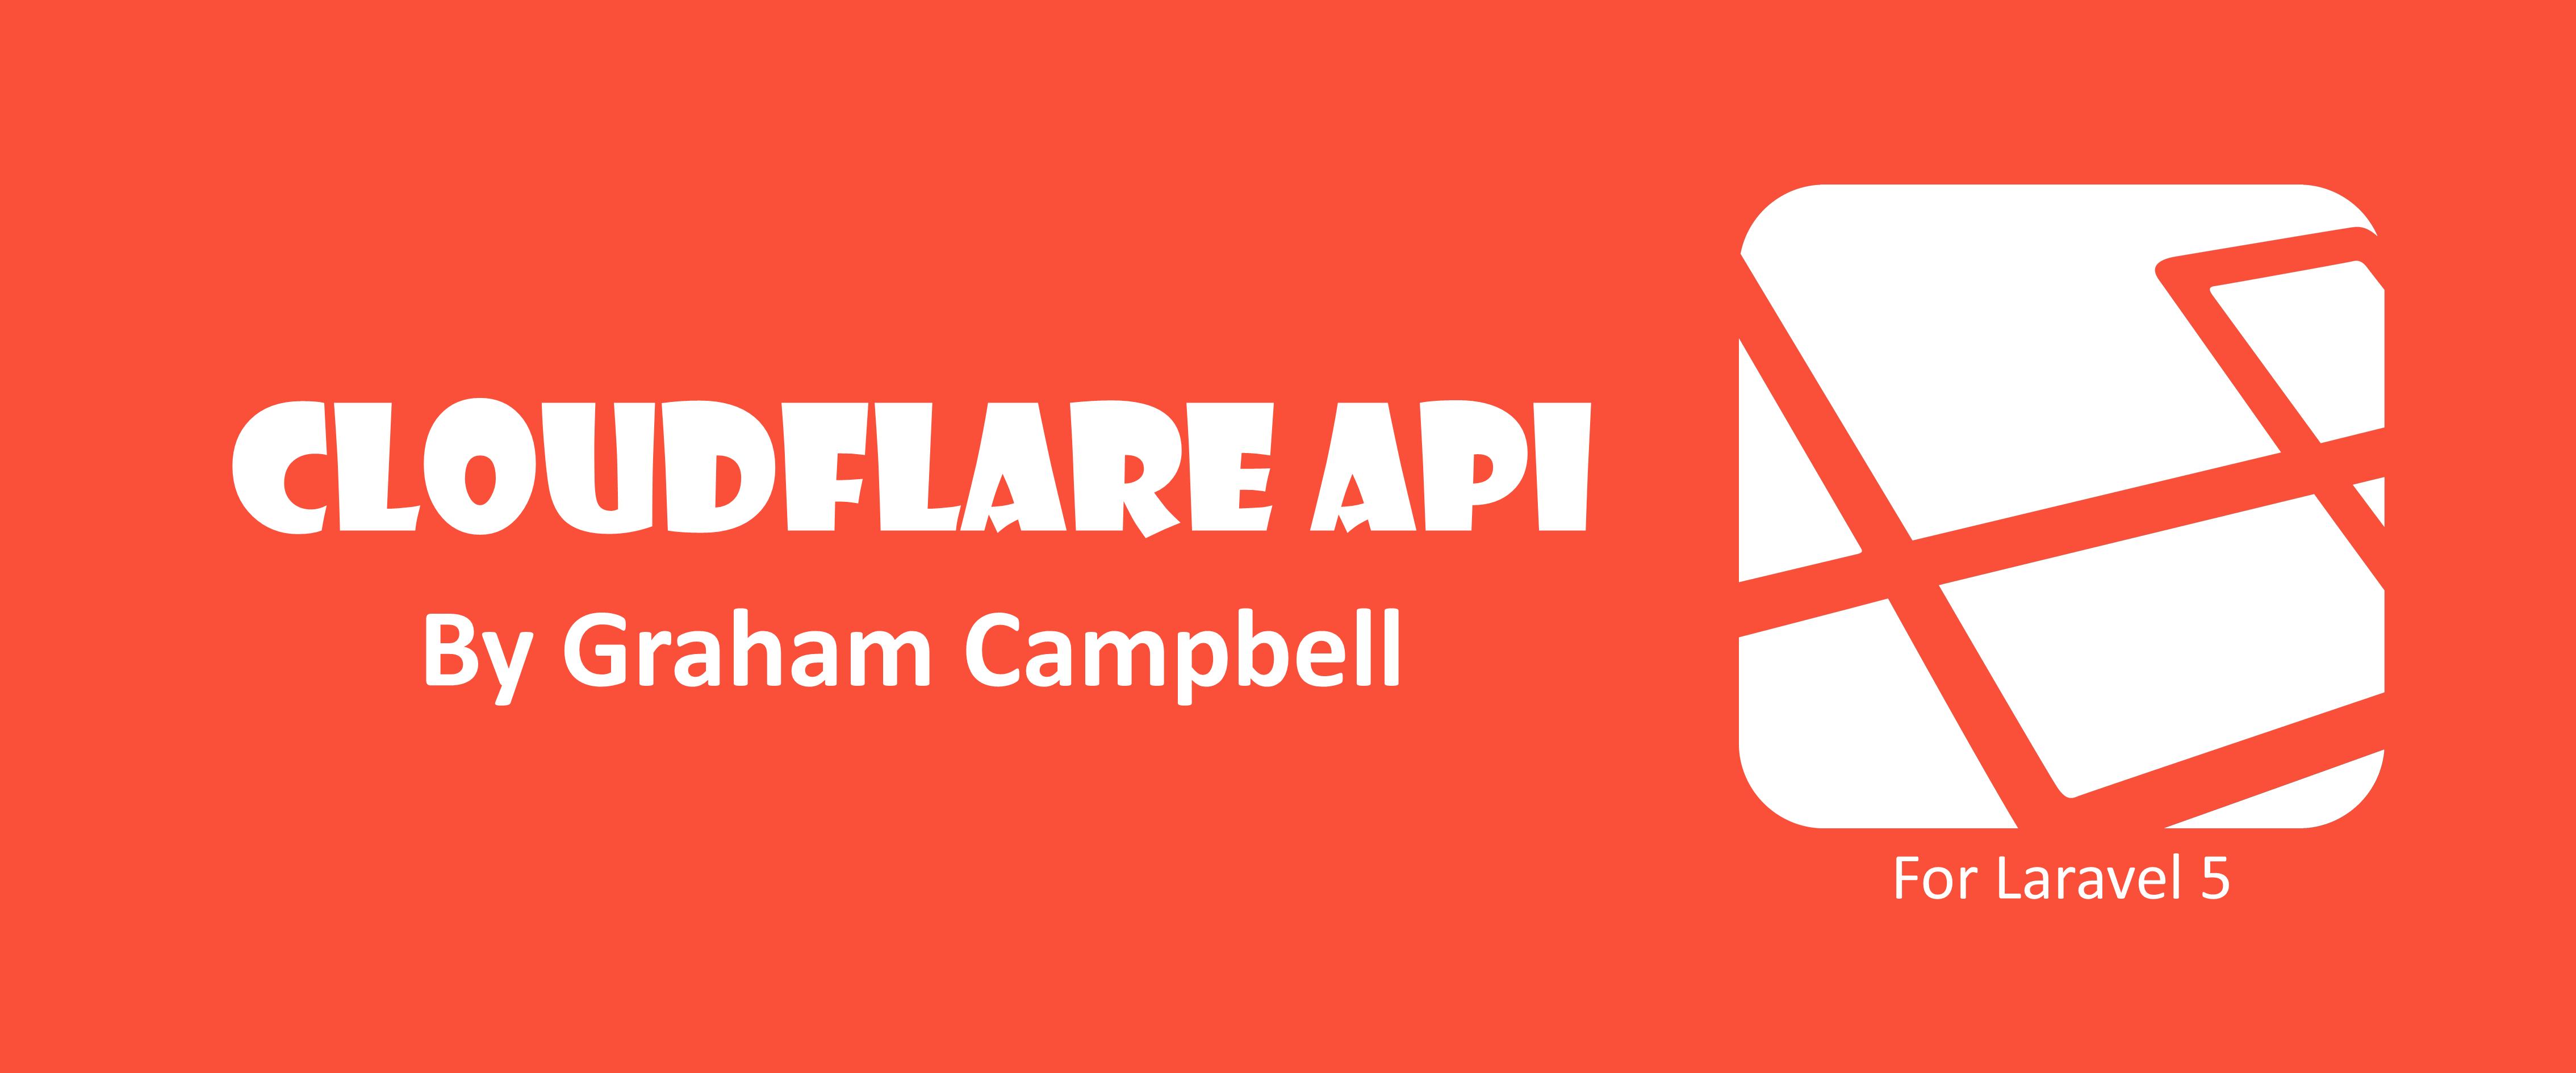 Laravel CloudFlare API